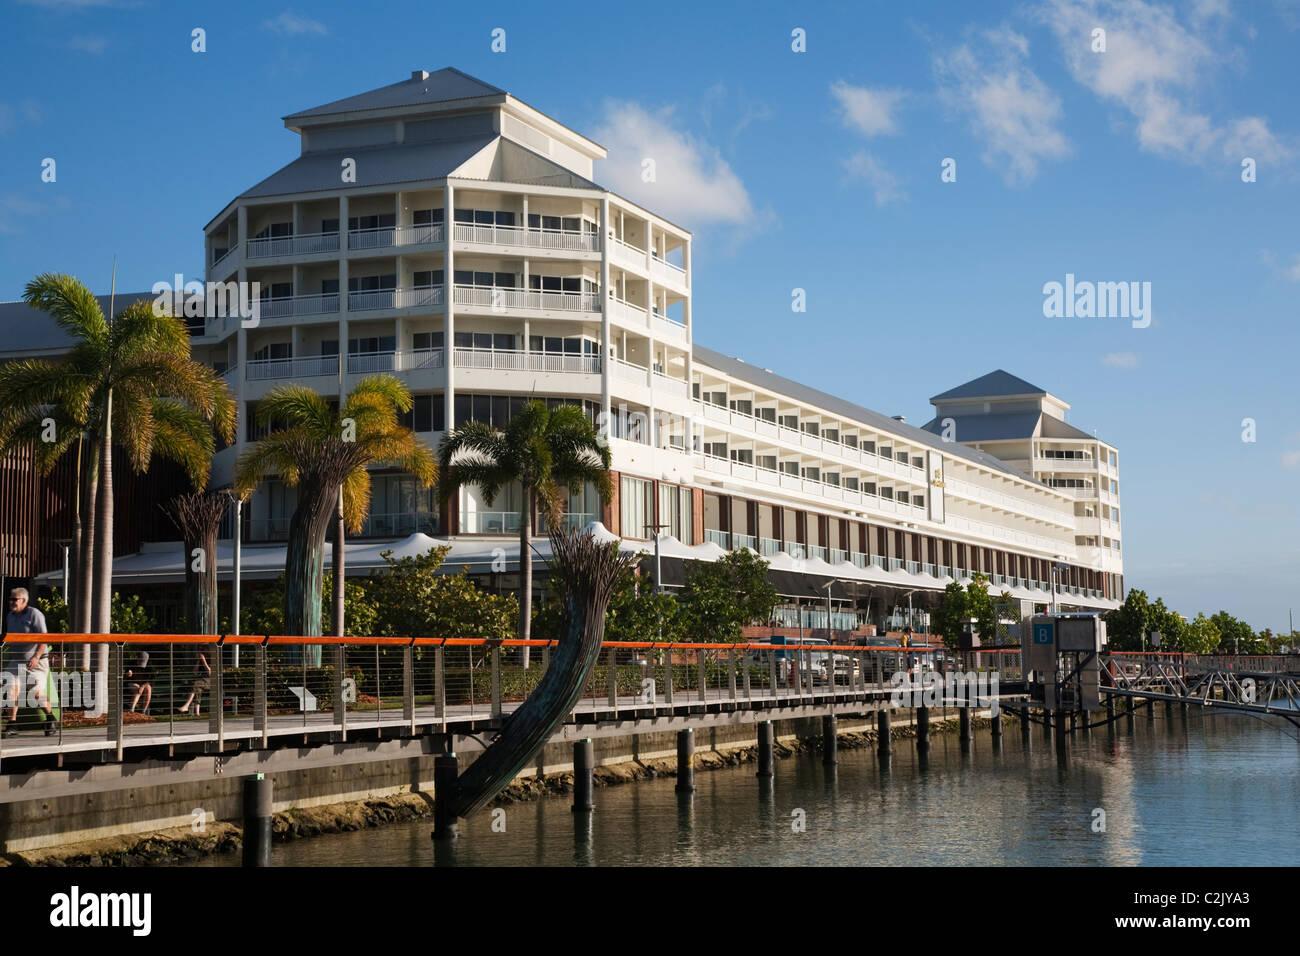 L'hotel Shangri-La a Marlina Marina. Cairns, Queensland, Australia Immagini Stock